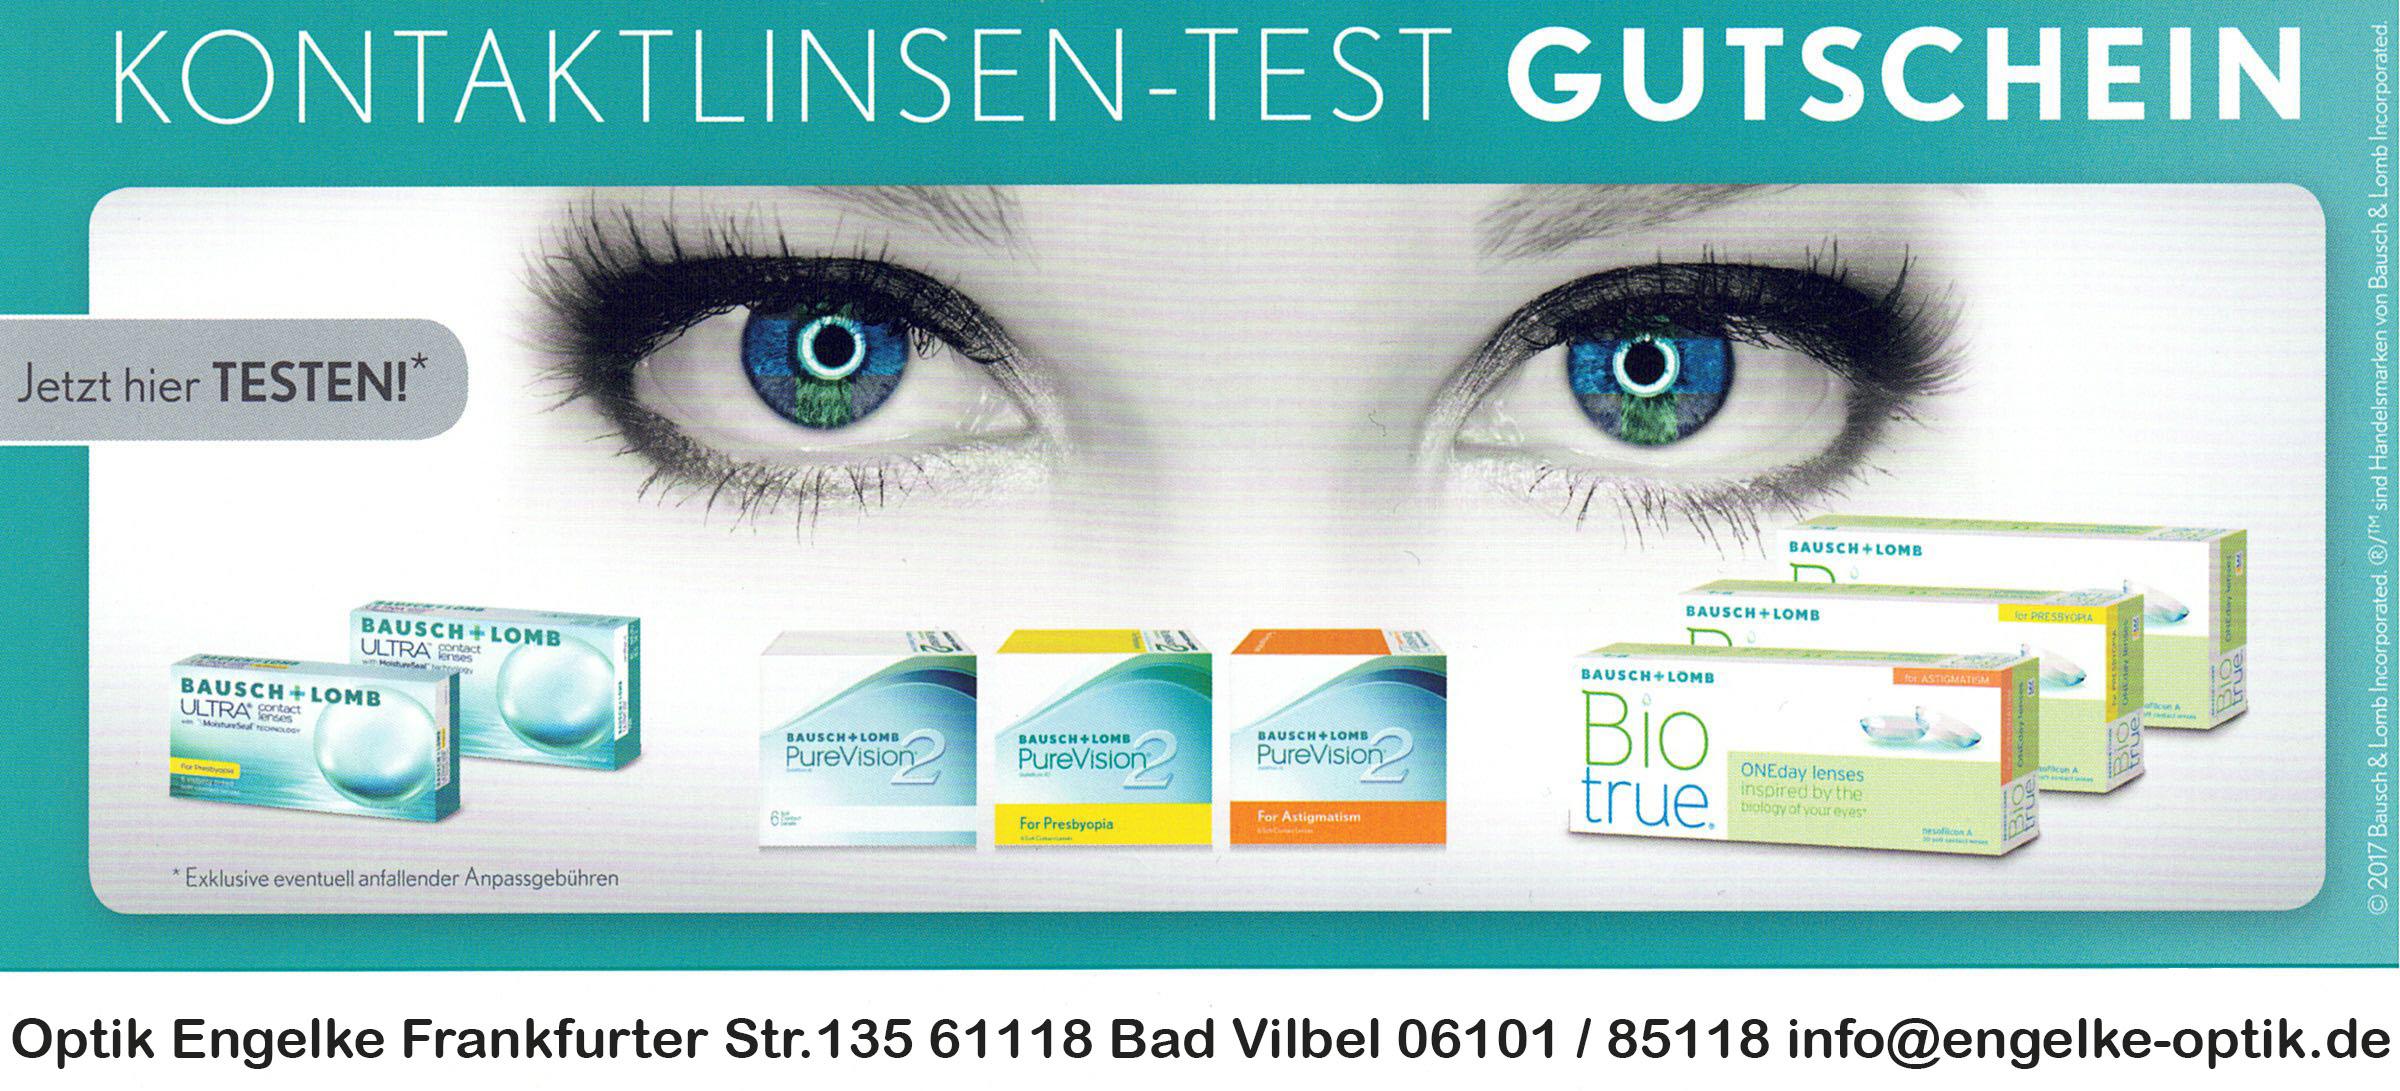 Gutschein Kontaktlinsen Probetragen